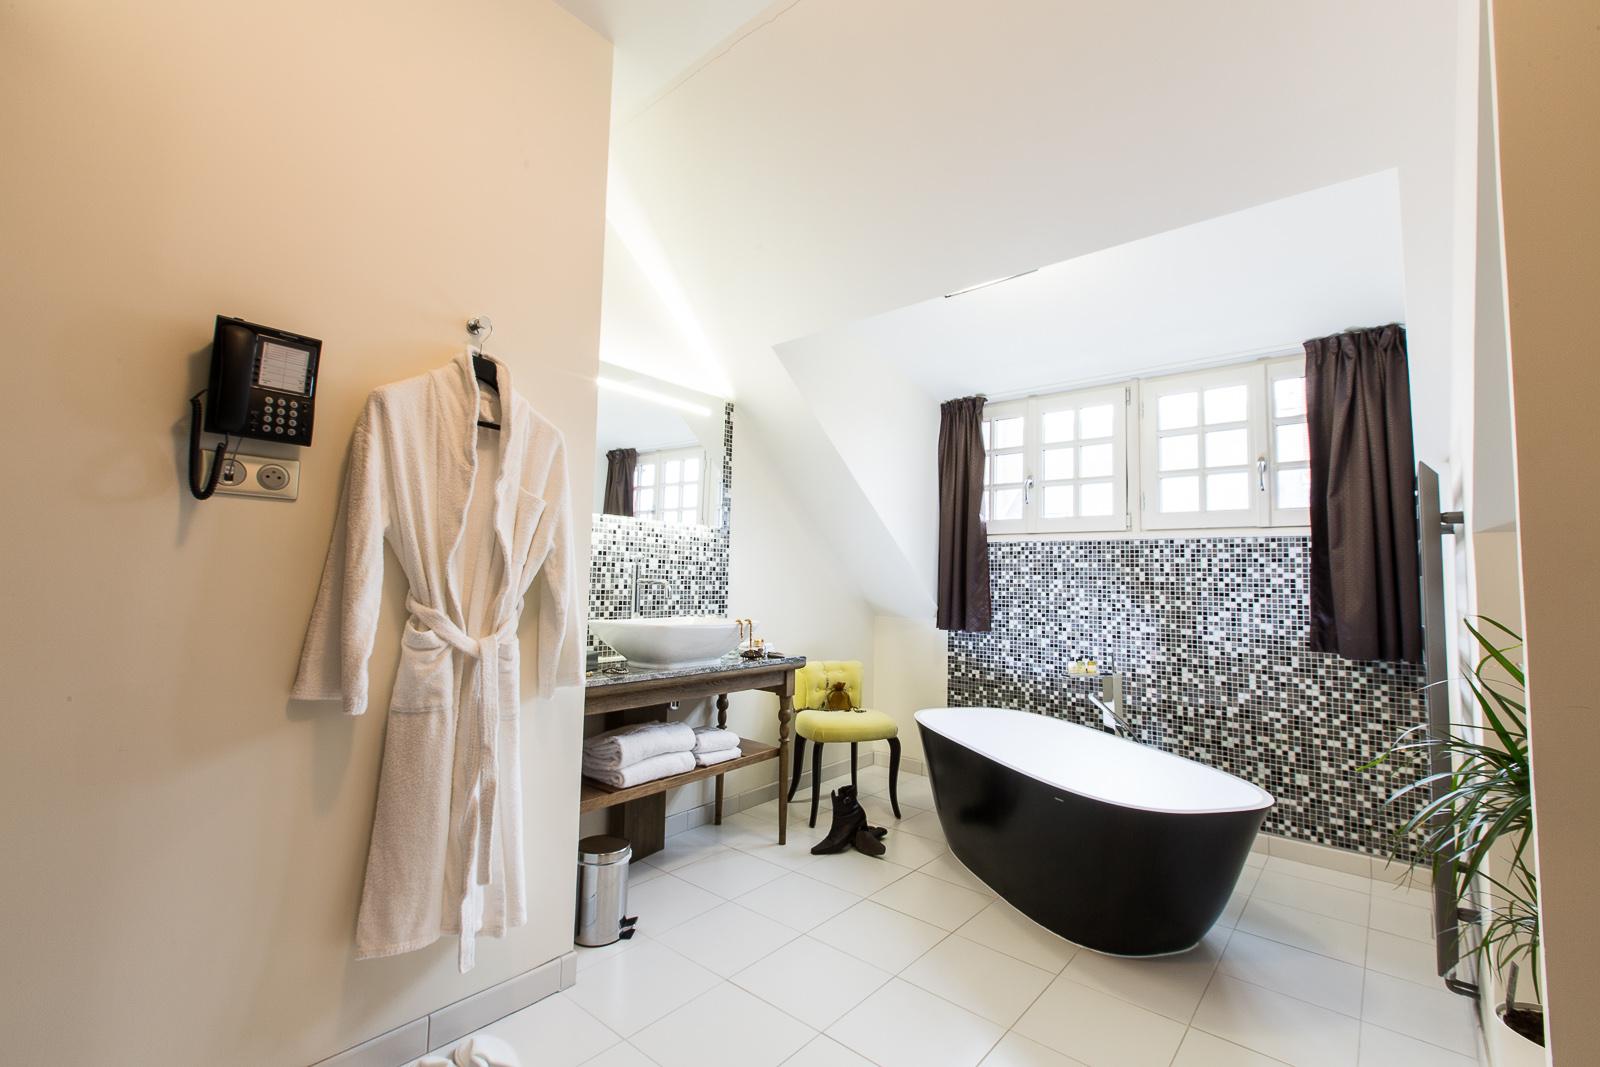 Hotel Marotte amiens chambre superieur salle de bain